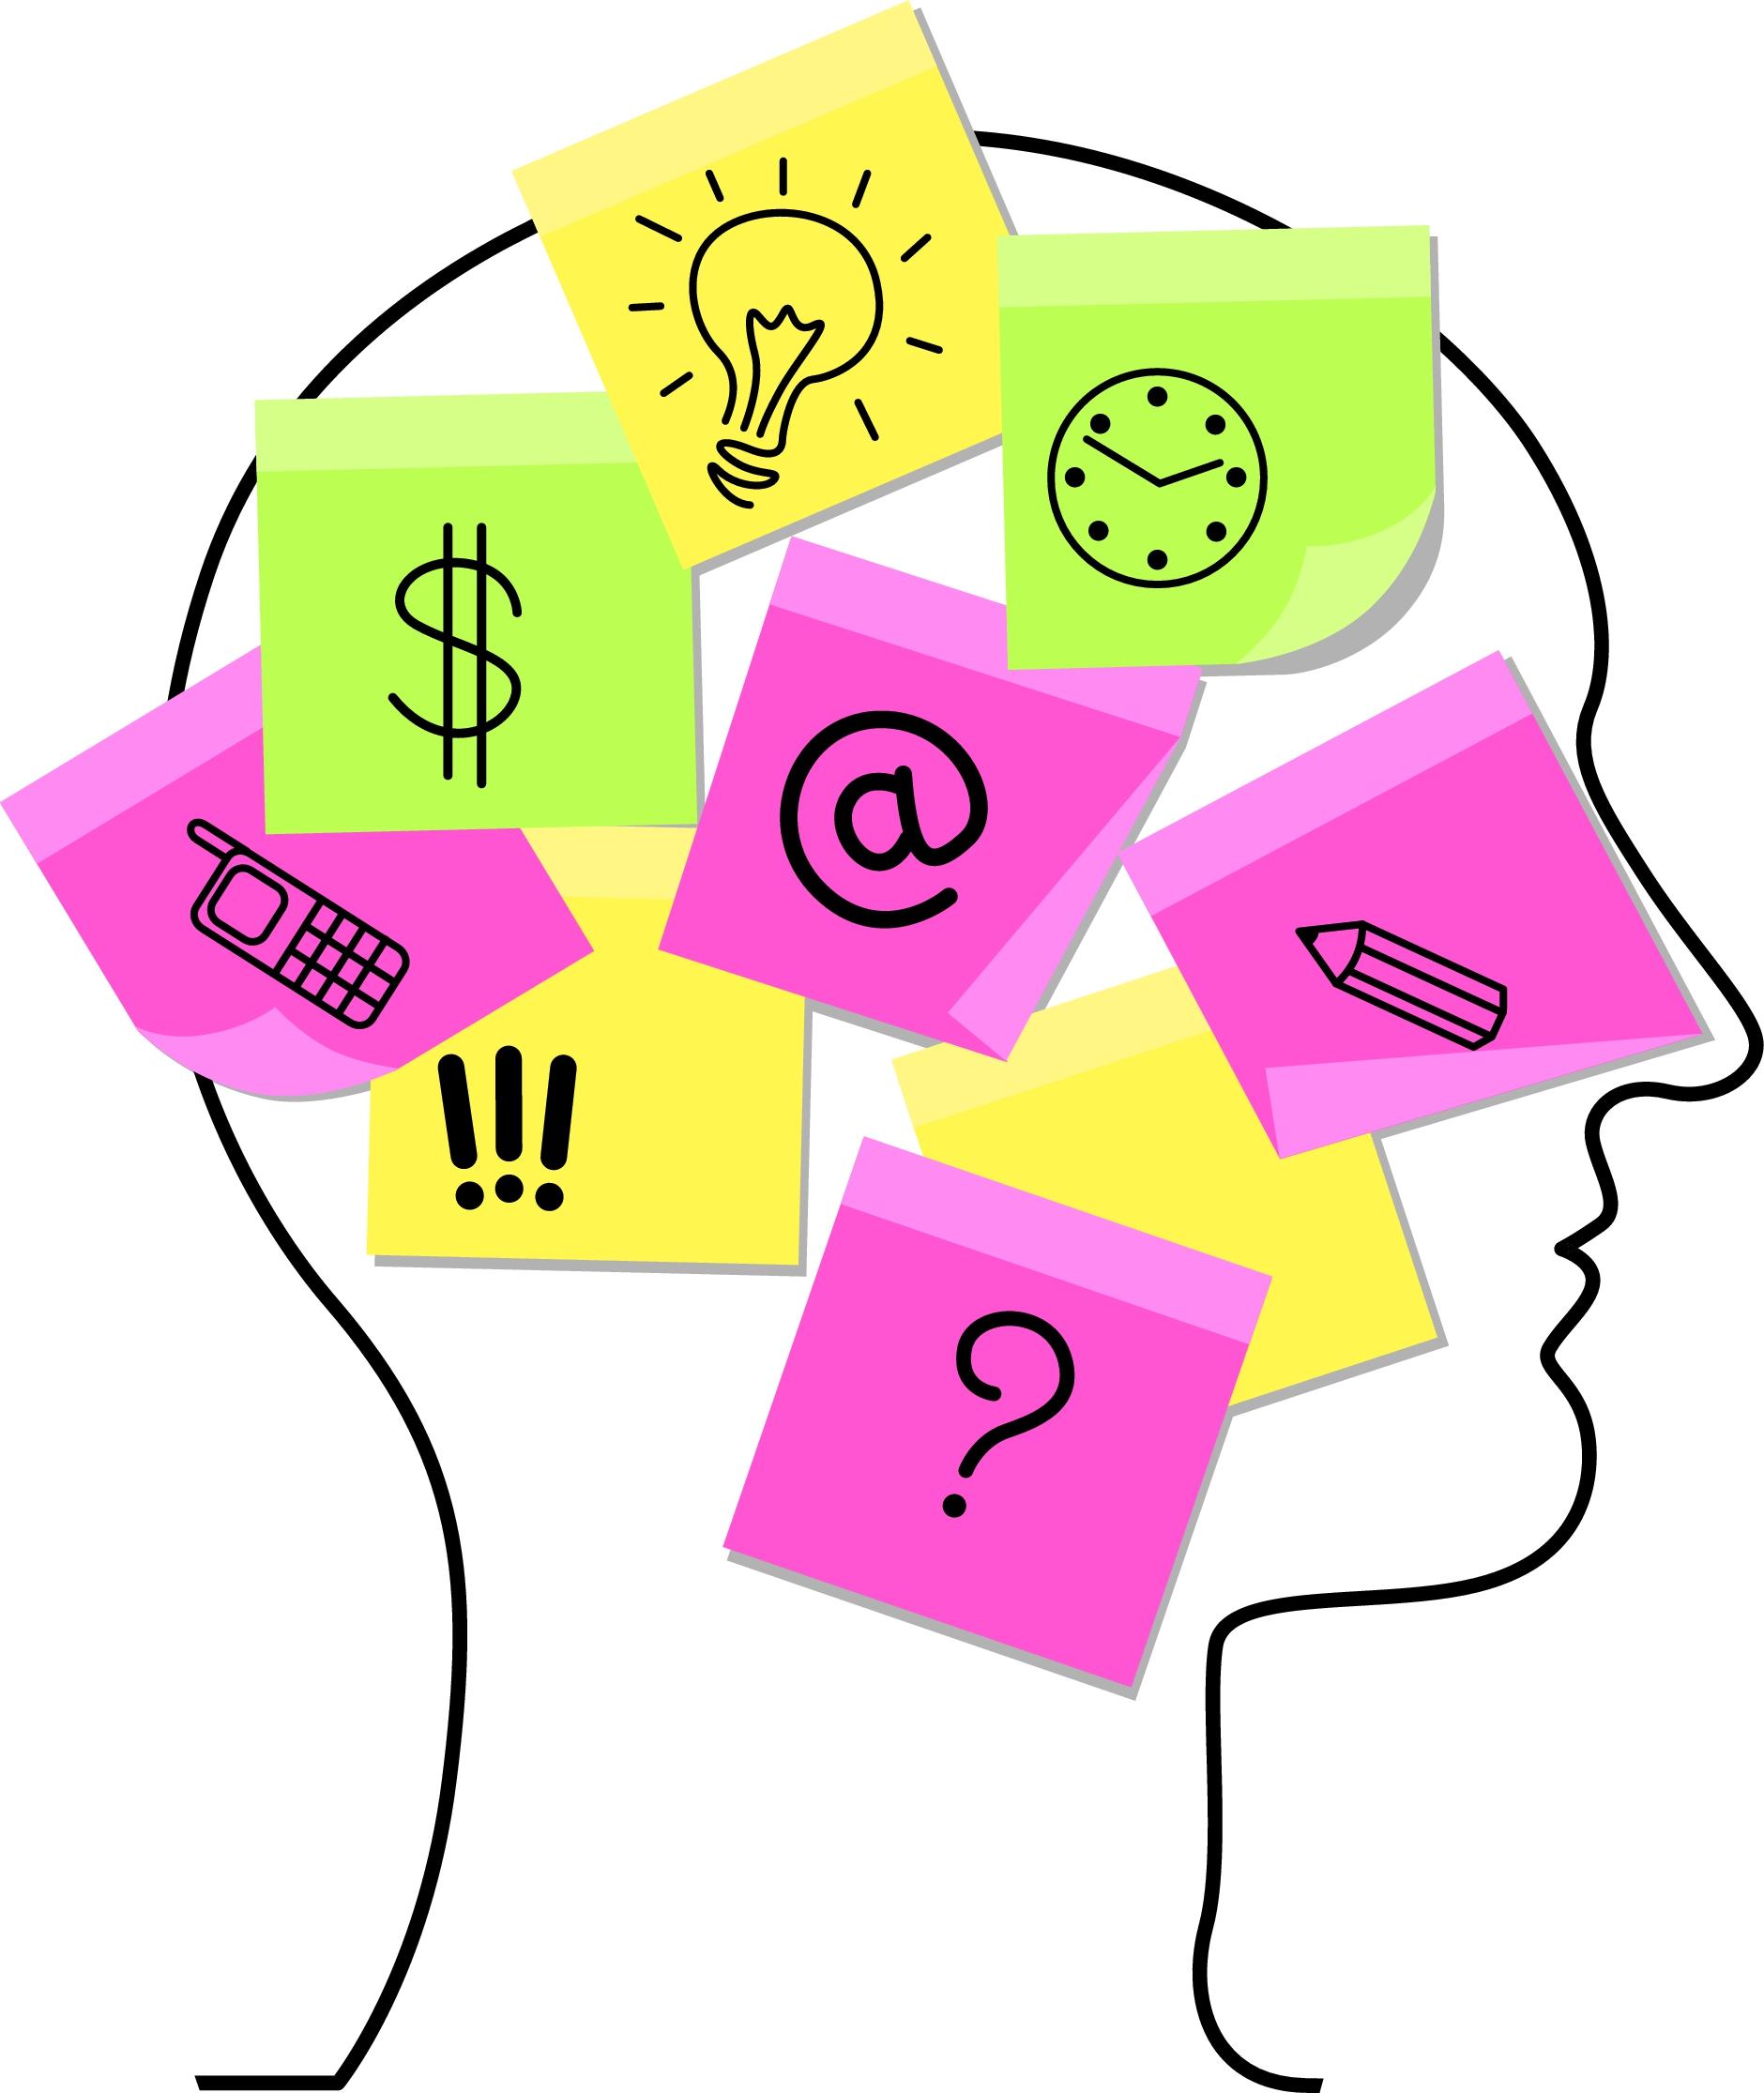 آزمونهای جامع هوش و شخصیت مرکز مشاوره نوروفیدبک روانشناسی کرانه خرد ۰۹۳۶۰۲۲۷۱۴۱